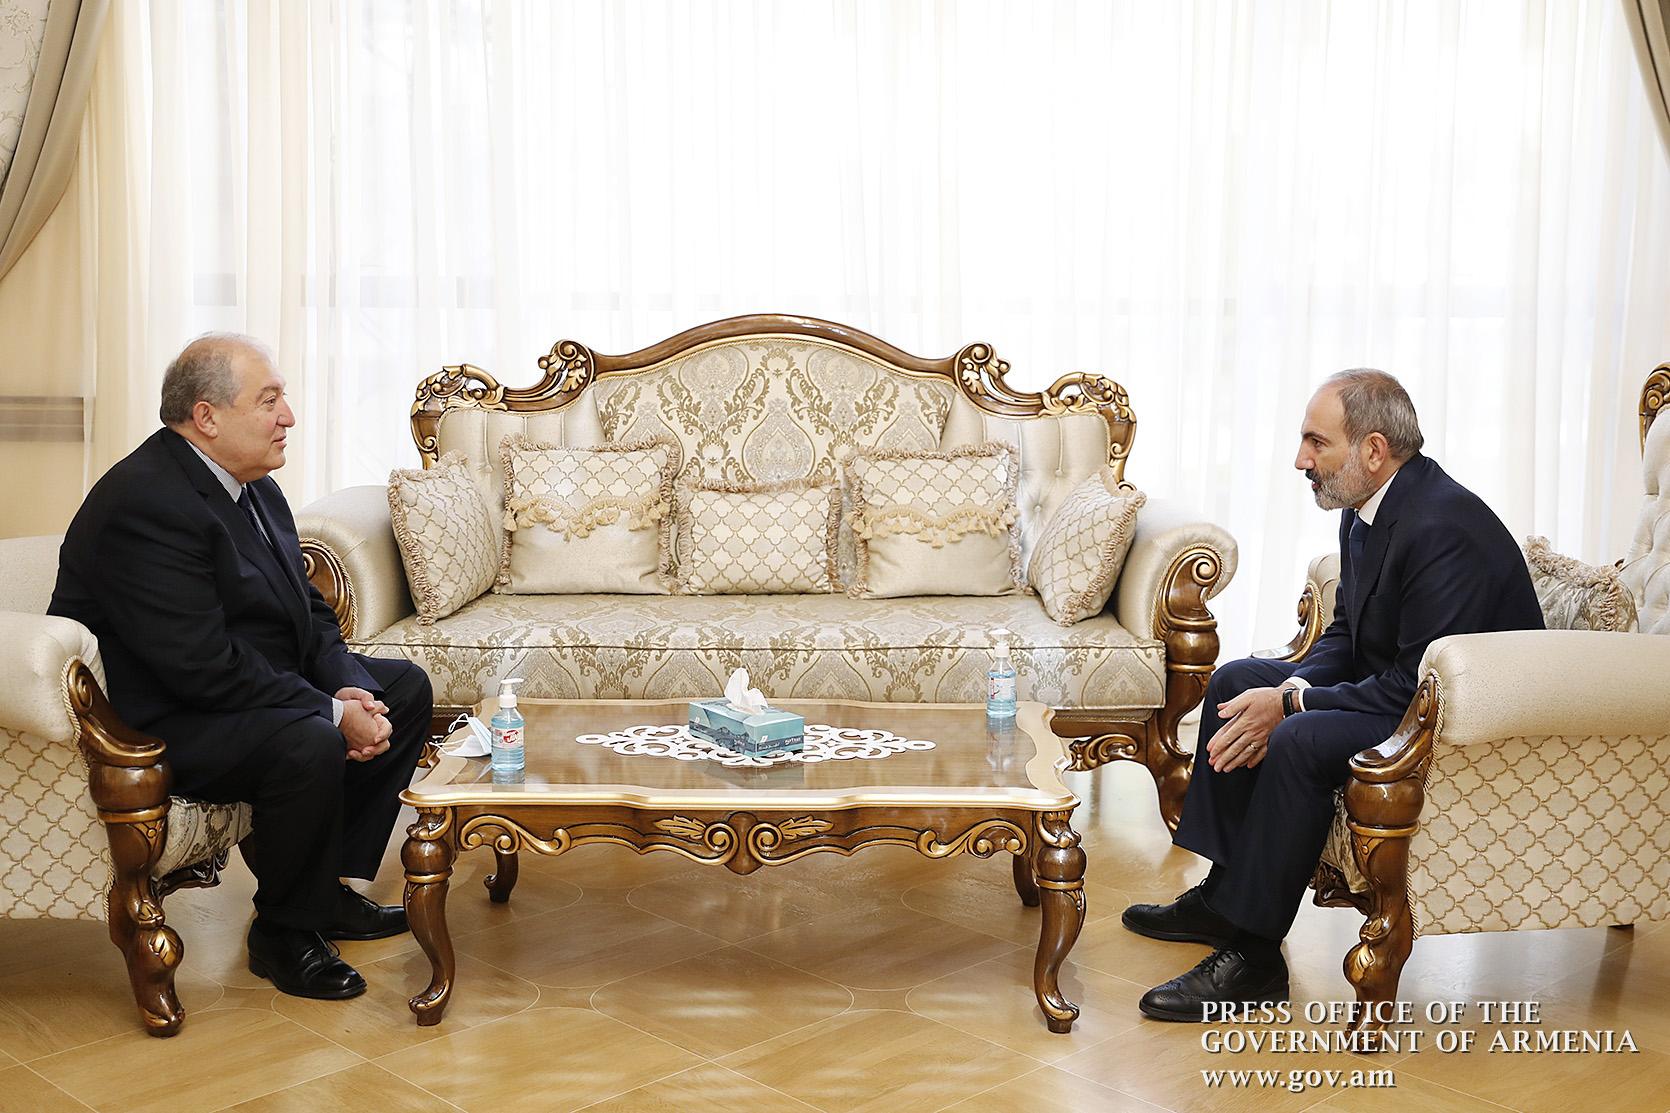 Премьер-министр Пашинян провел встречу с президентом Саркисяном